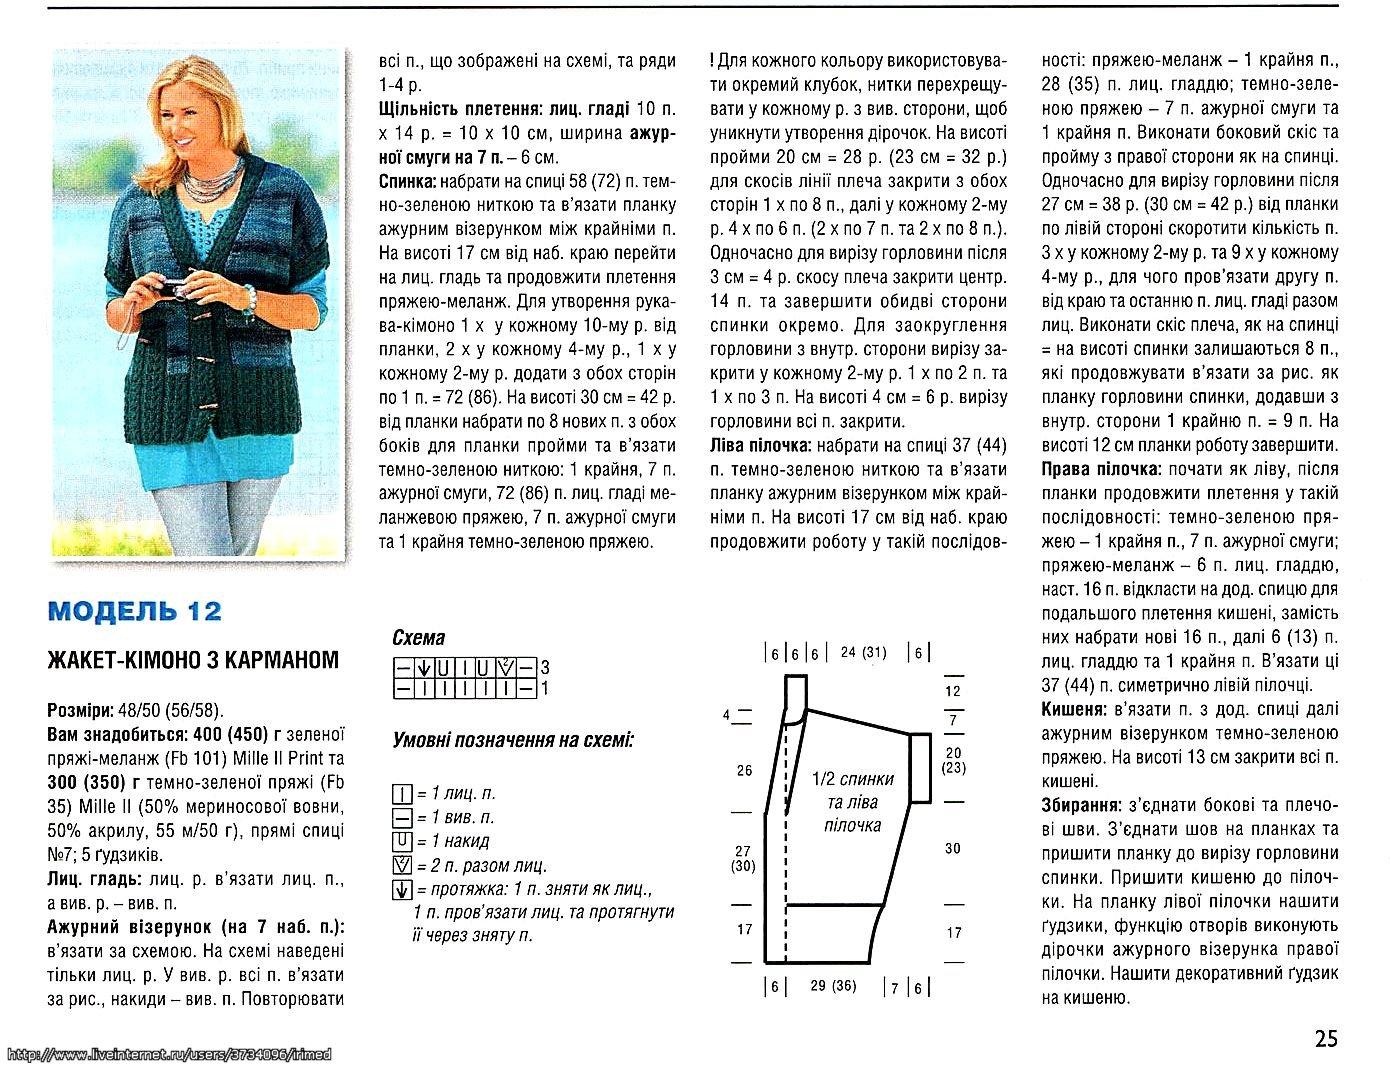 Кофта спицами для женщин: схема 5